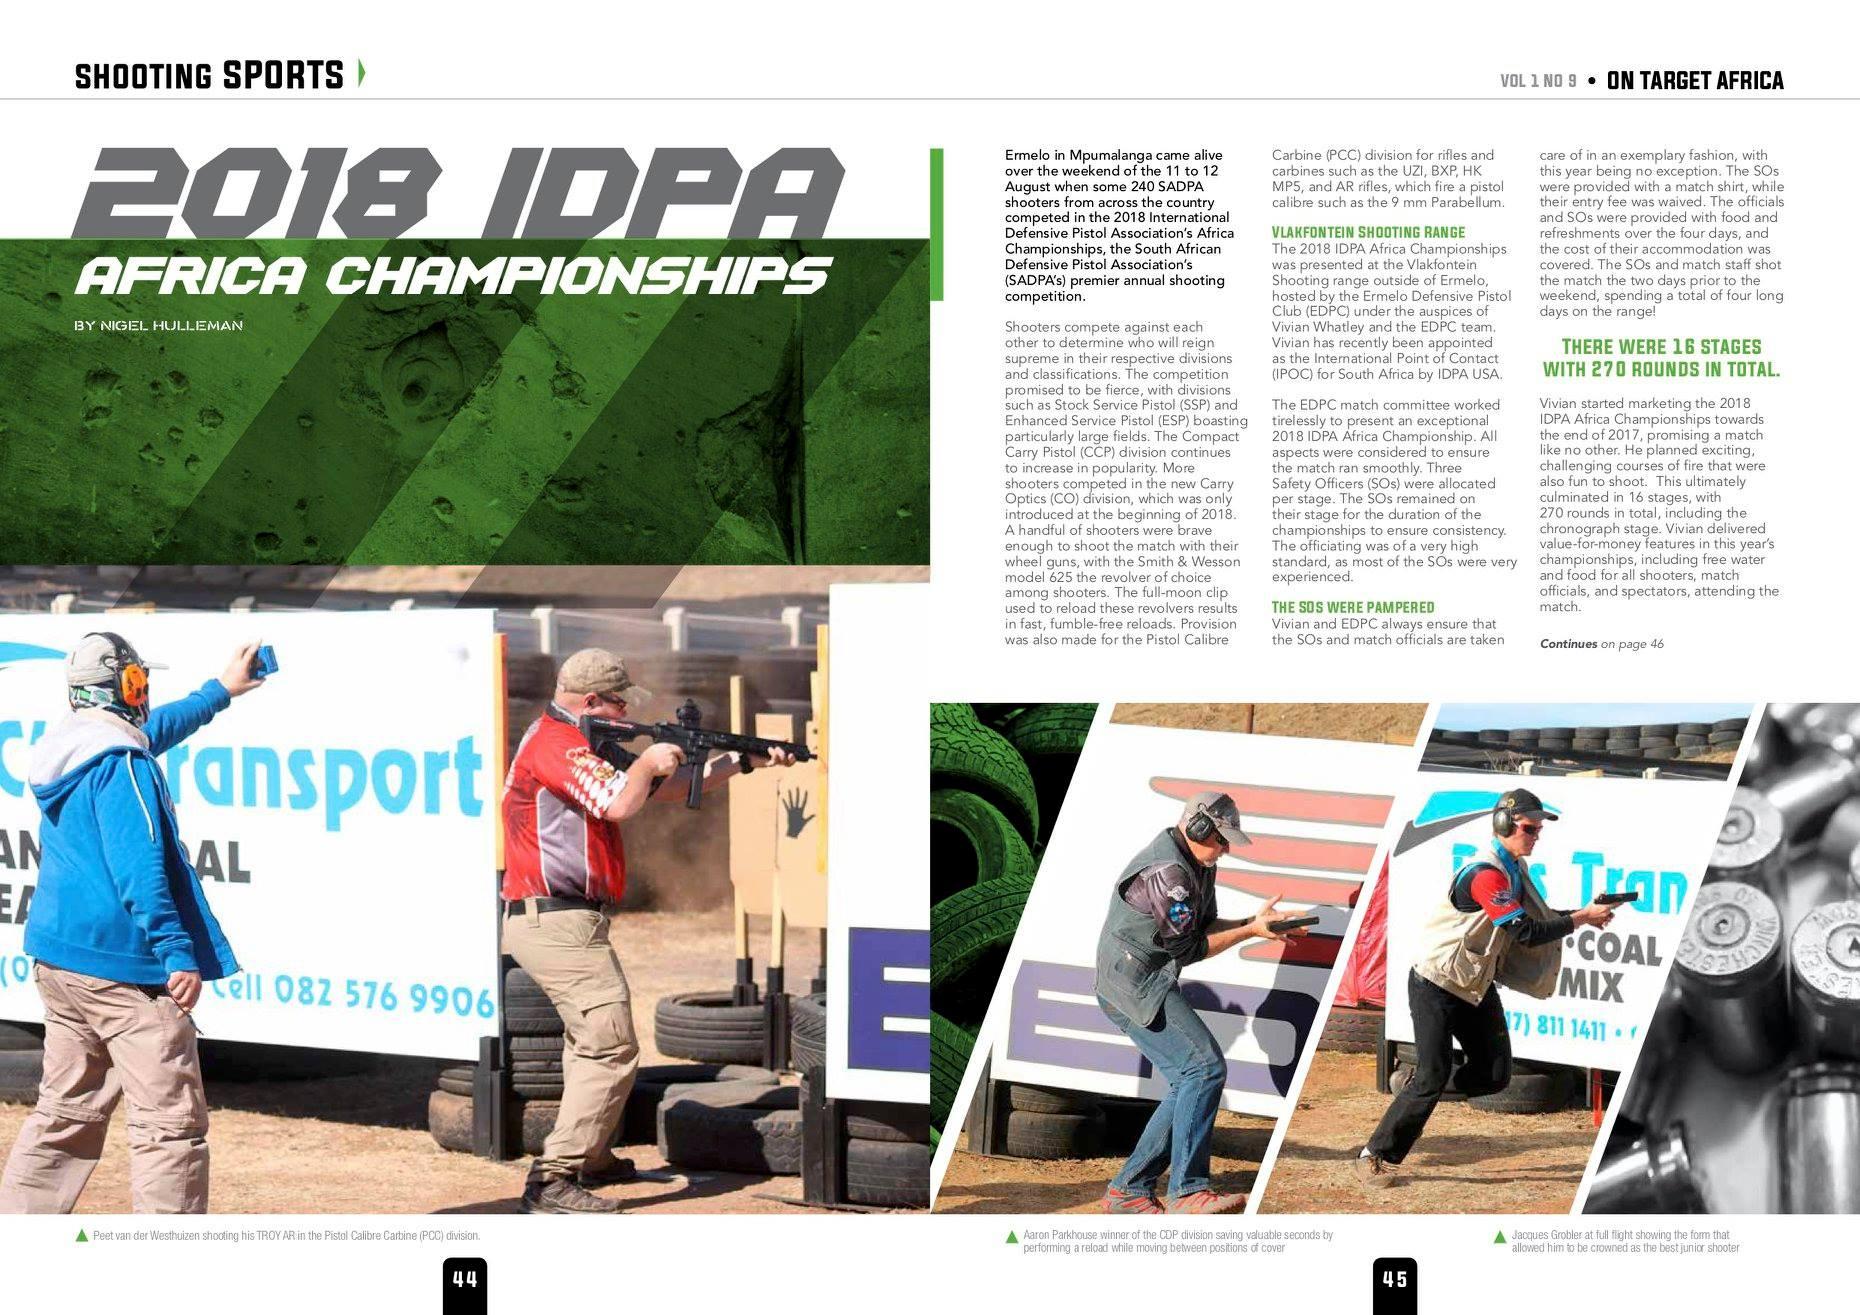 Tiro defensivo y deportivo, diferencias sustanciales y áreas en común.. Revista de IPDA Association - Fuente fotografía: IPDA Facebook